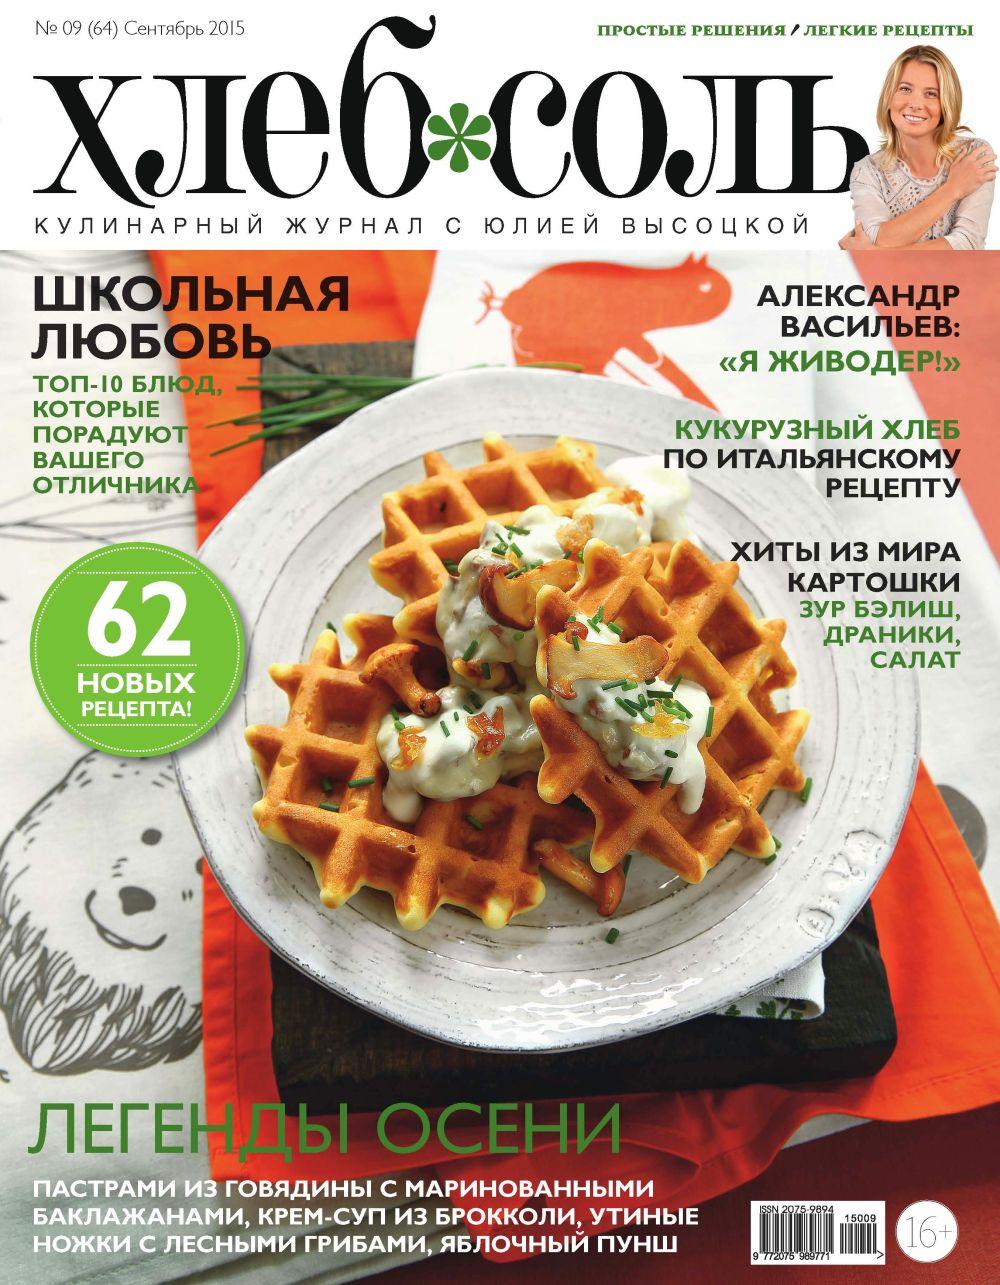 Журнал ХлебСоль №9 сентябрь 2015 г